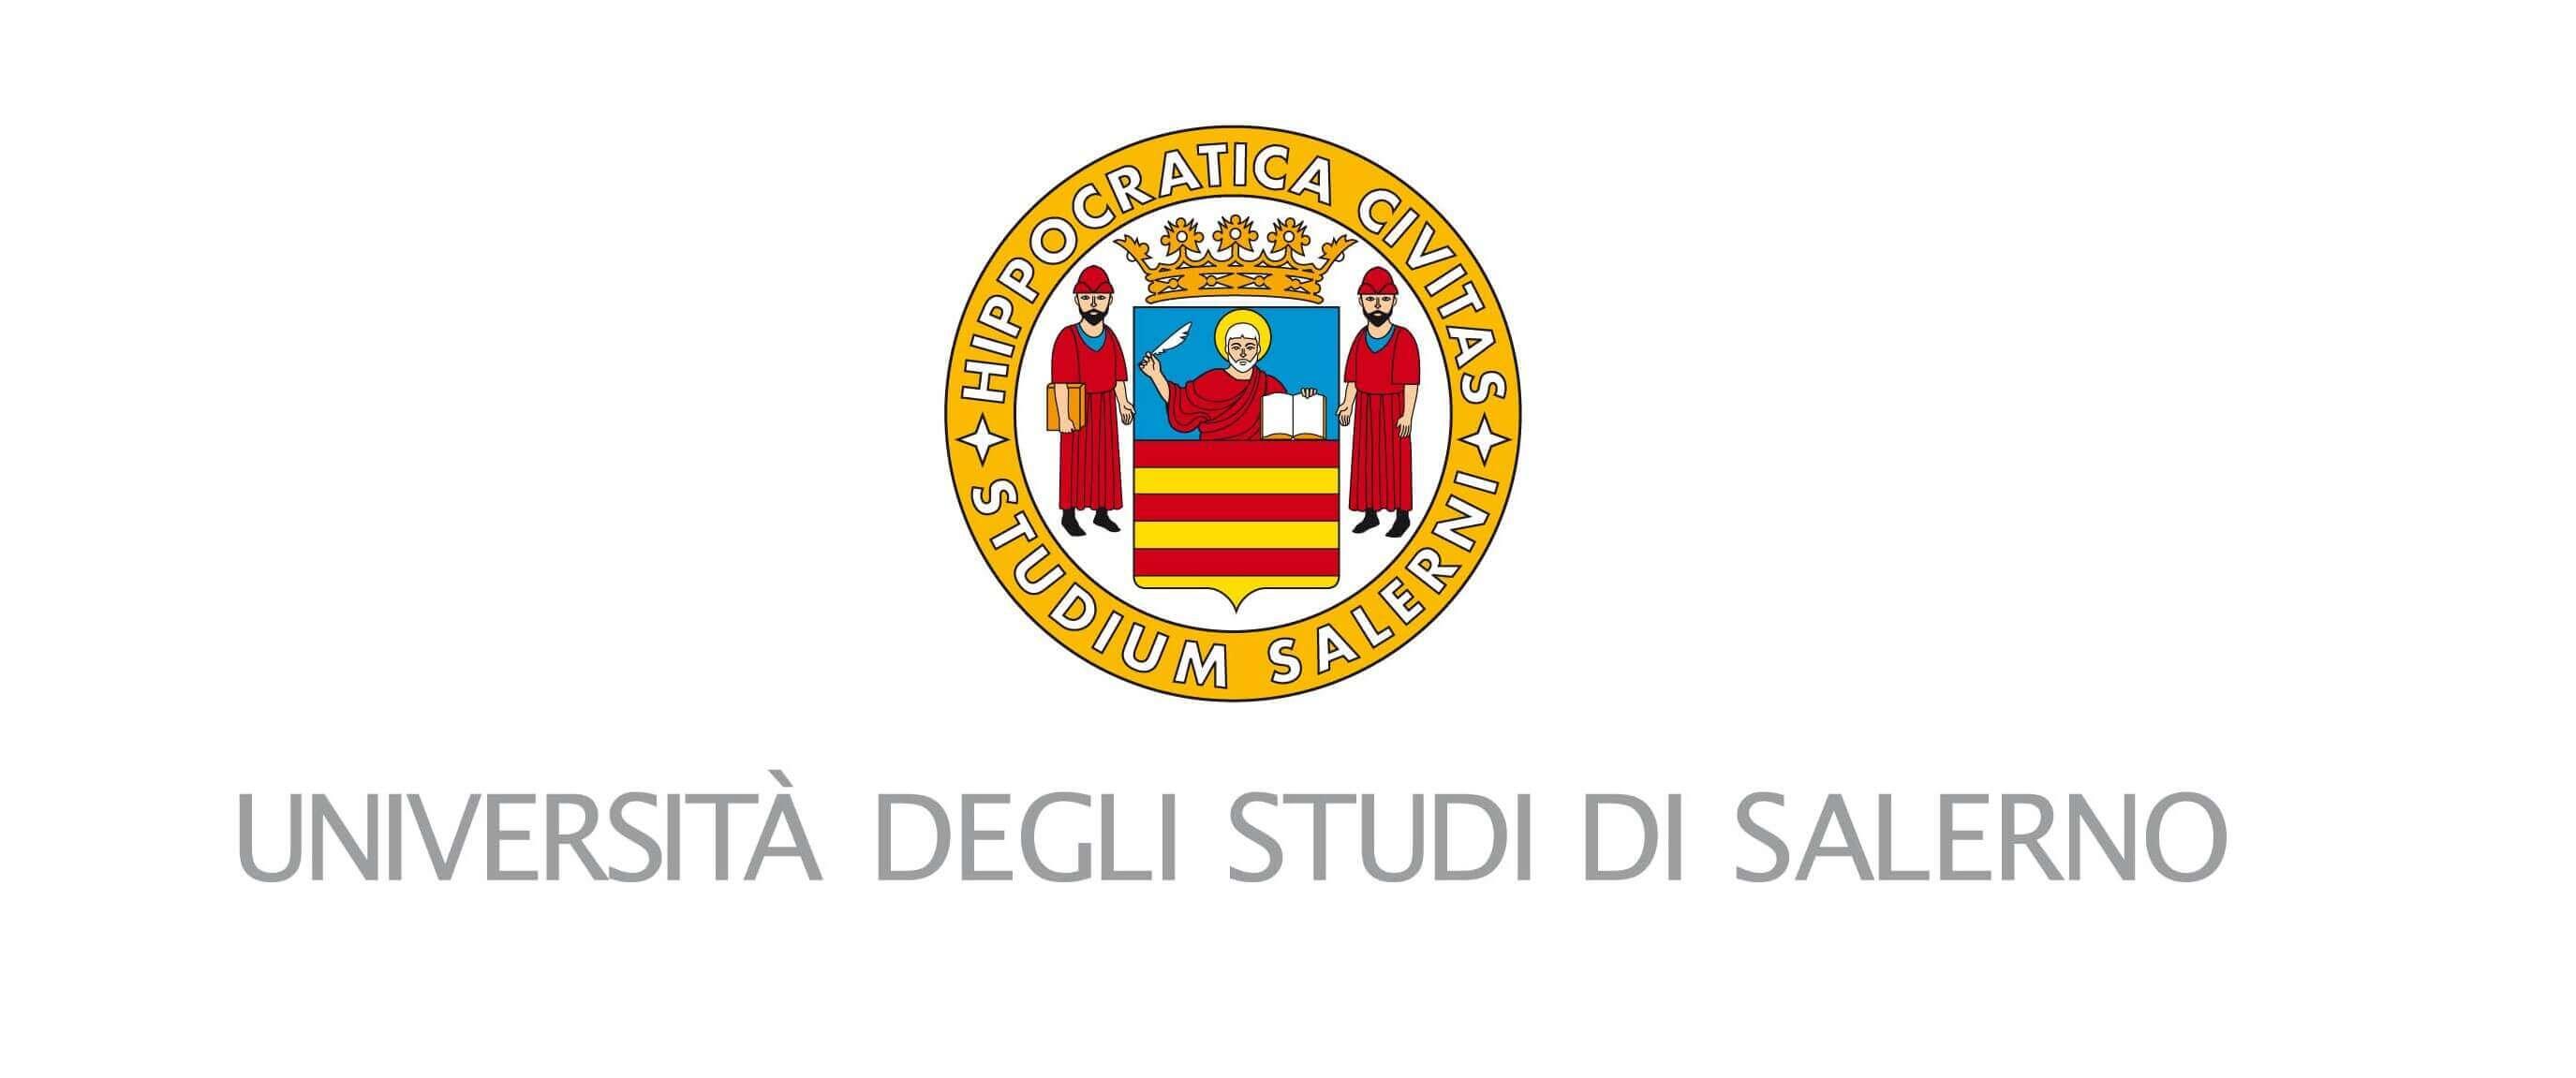 Unisa Calendario Esami.Unisa Universita Degli Studi Di Salerno Info E Risorse Utili